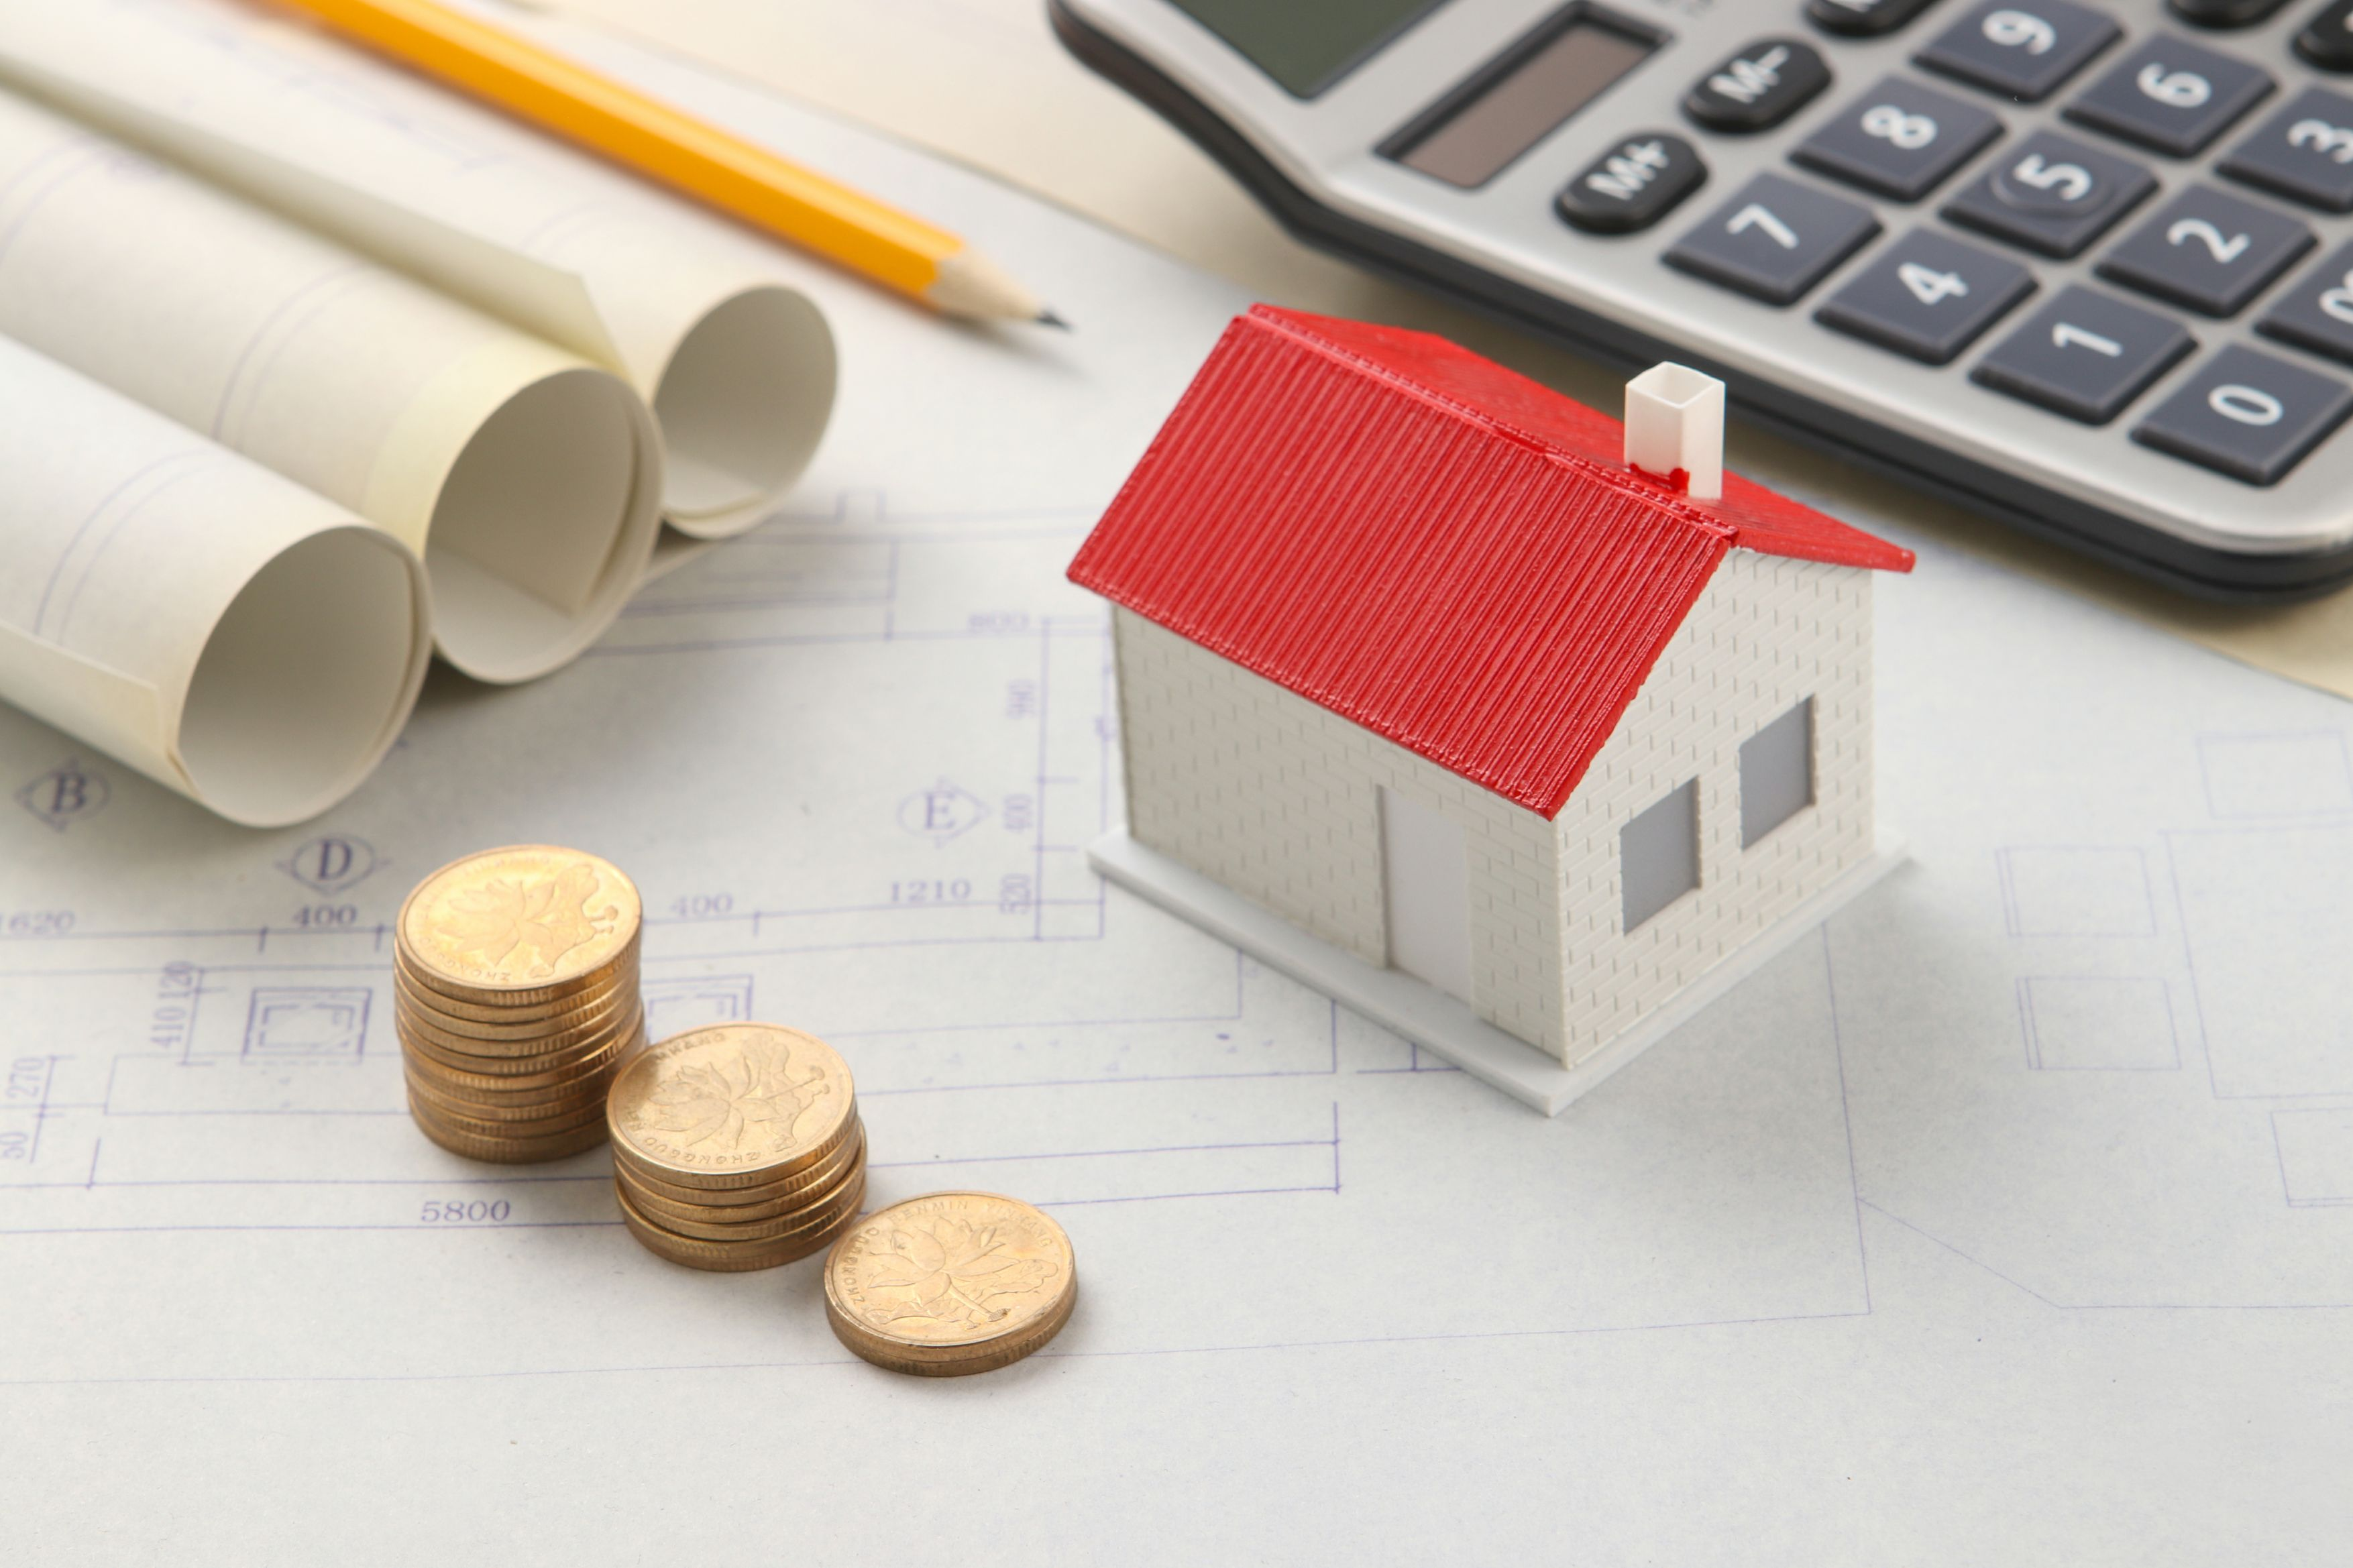 最新数据来了!房地产信托高达2.7万亿,同比激增近2成